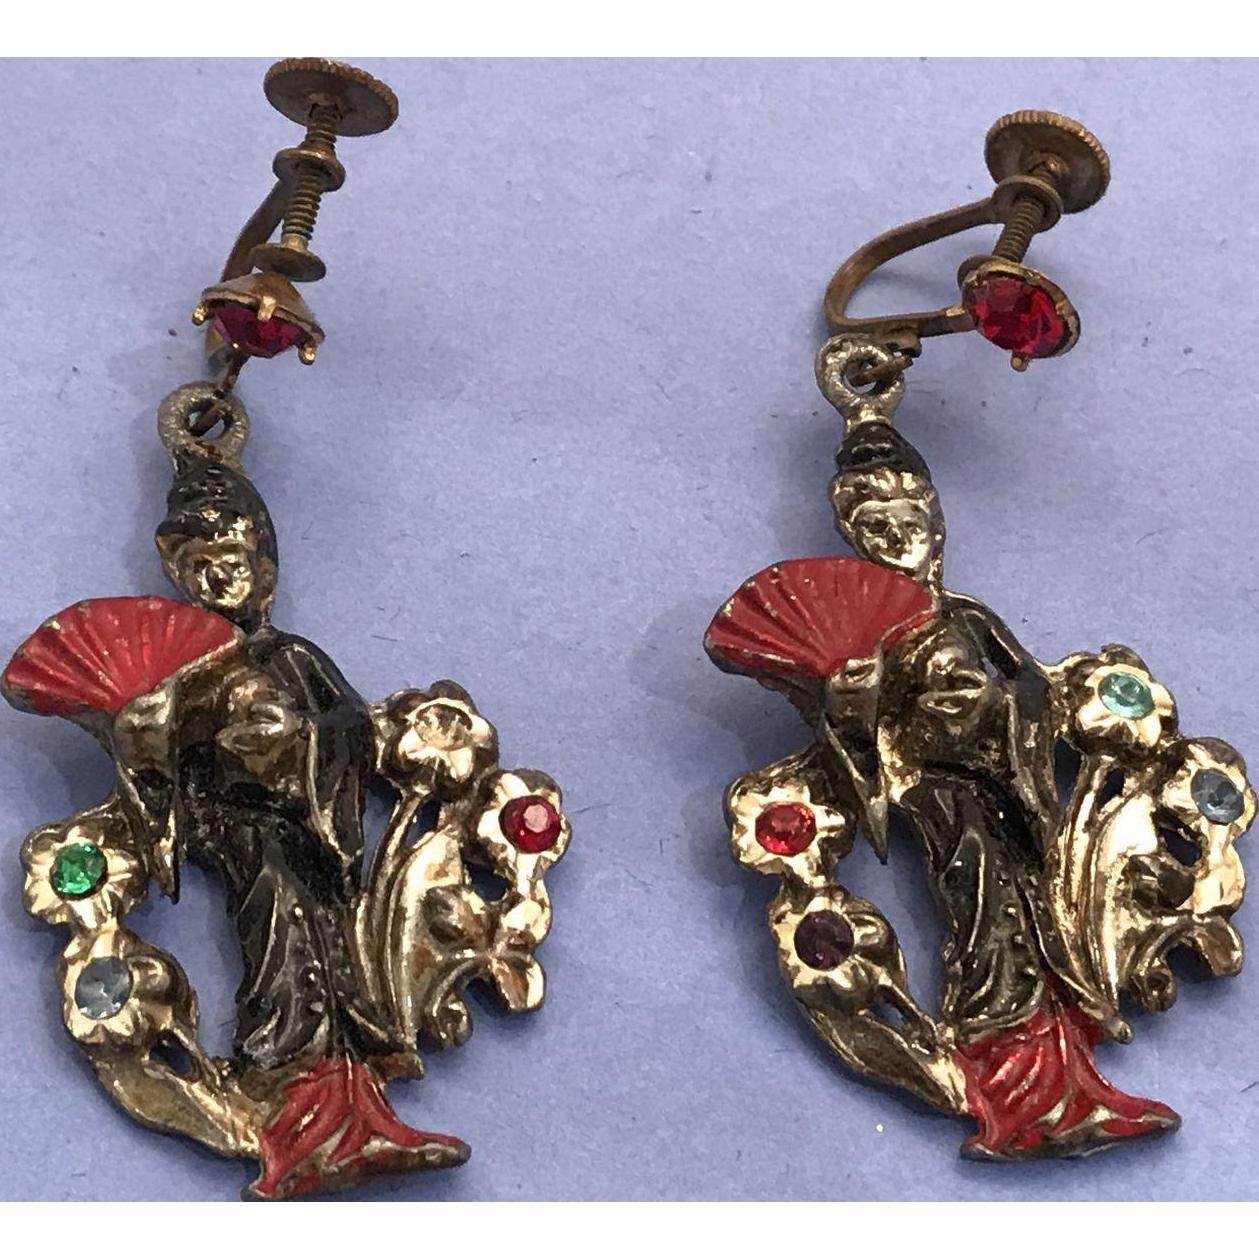 Japanese Geisha Figural Dangle Screw Back Earrings Jewelry